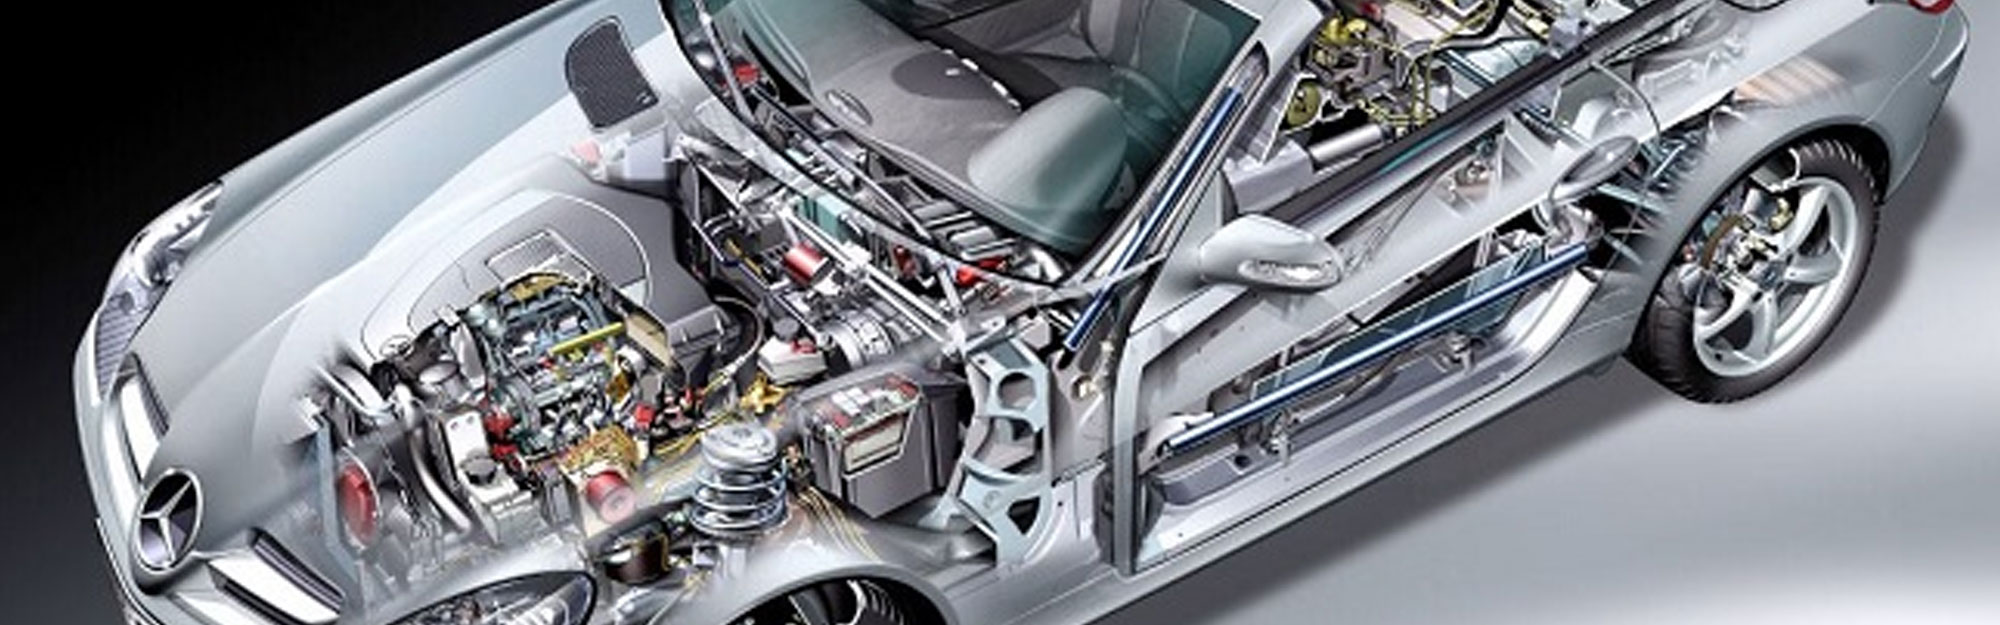 meccatronica meccanico elettrauto carrozzeria silvestri afragola officina autorizzata fiat e lancia, meccanico, elettrauto, meccatronico a casalnuovo, acerra, casoria, pomigliano, napoli